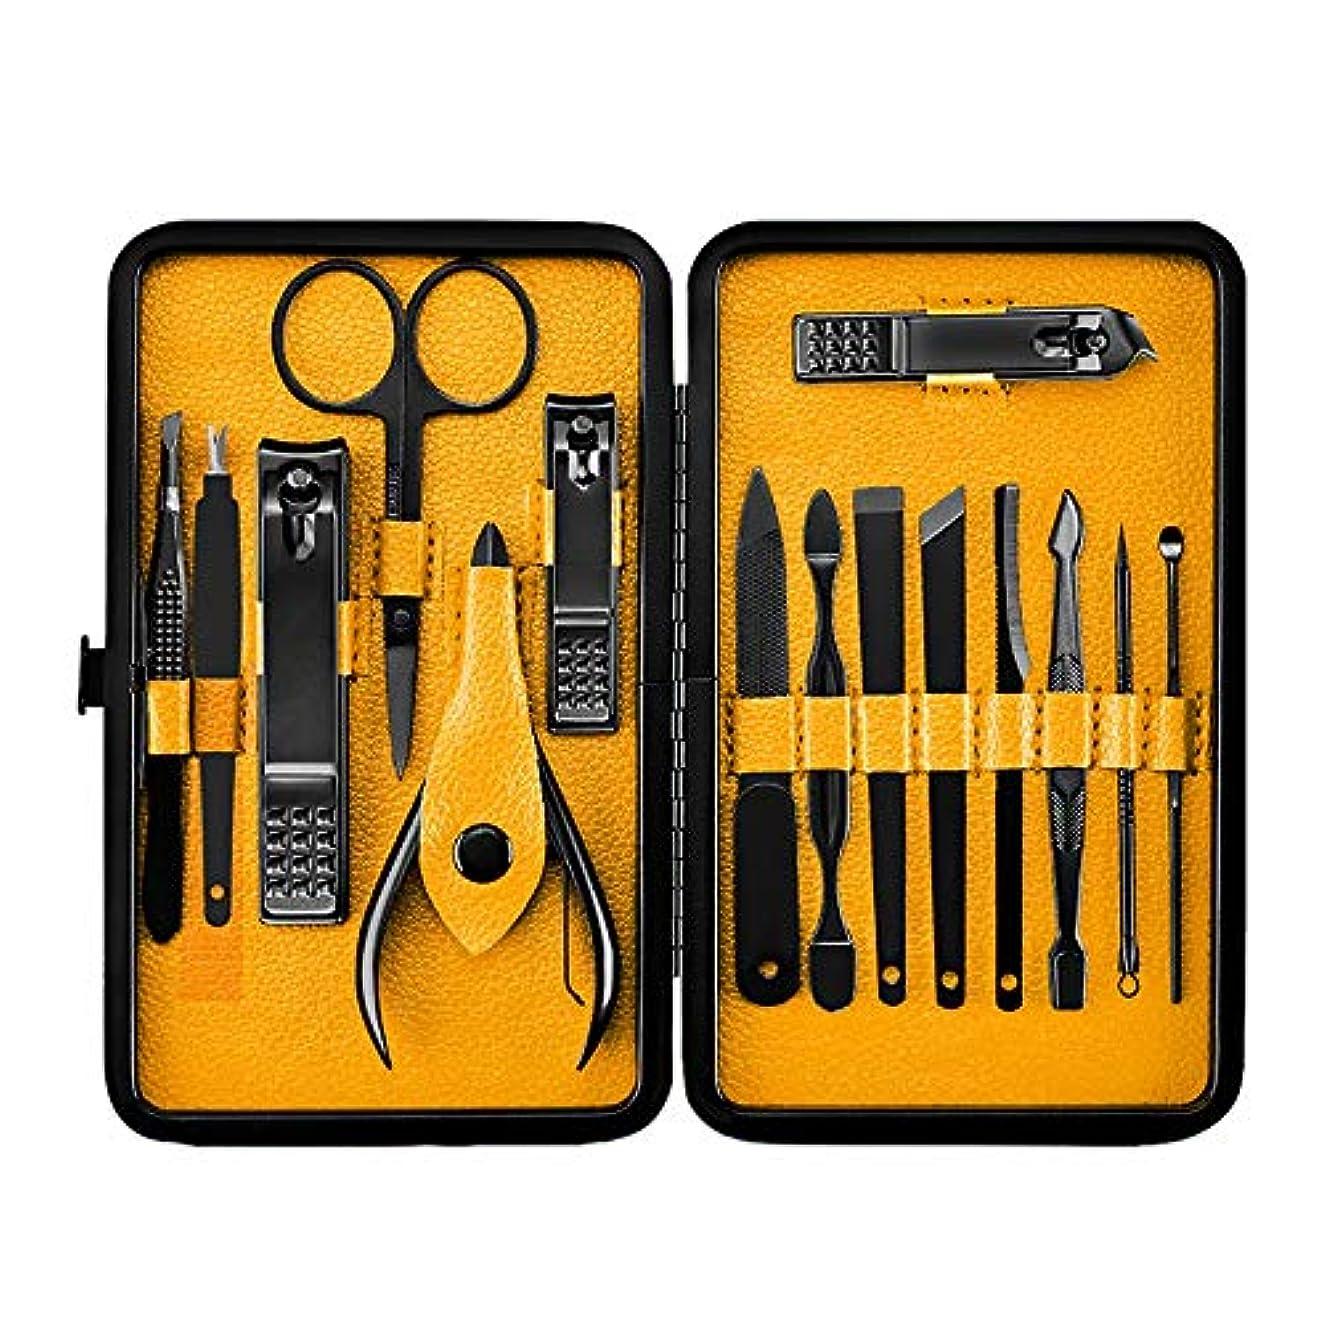 軸必要とする行Gaoominy 15ピース、プロフェッショナル、マニキュア、ステンレス鋼製ネイルのクリッパー、爪切り、はさみのセット、キット、マニキュアのセット、ネイルのツール、ネイルアートのツール